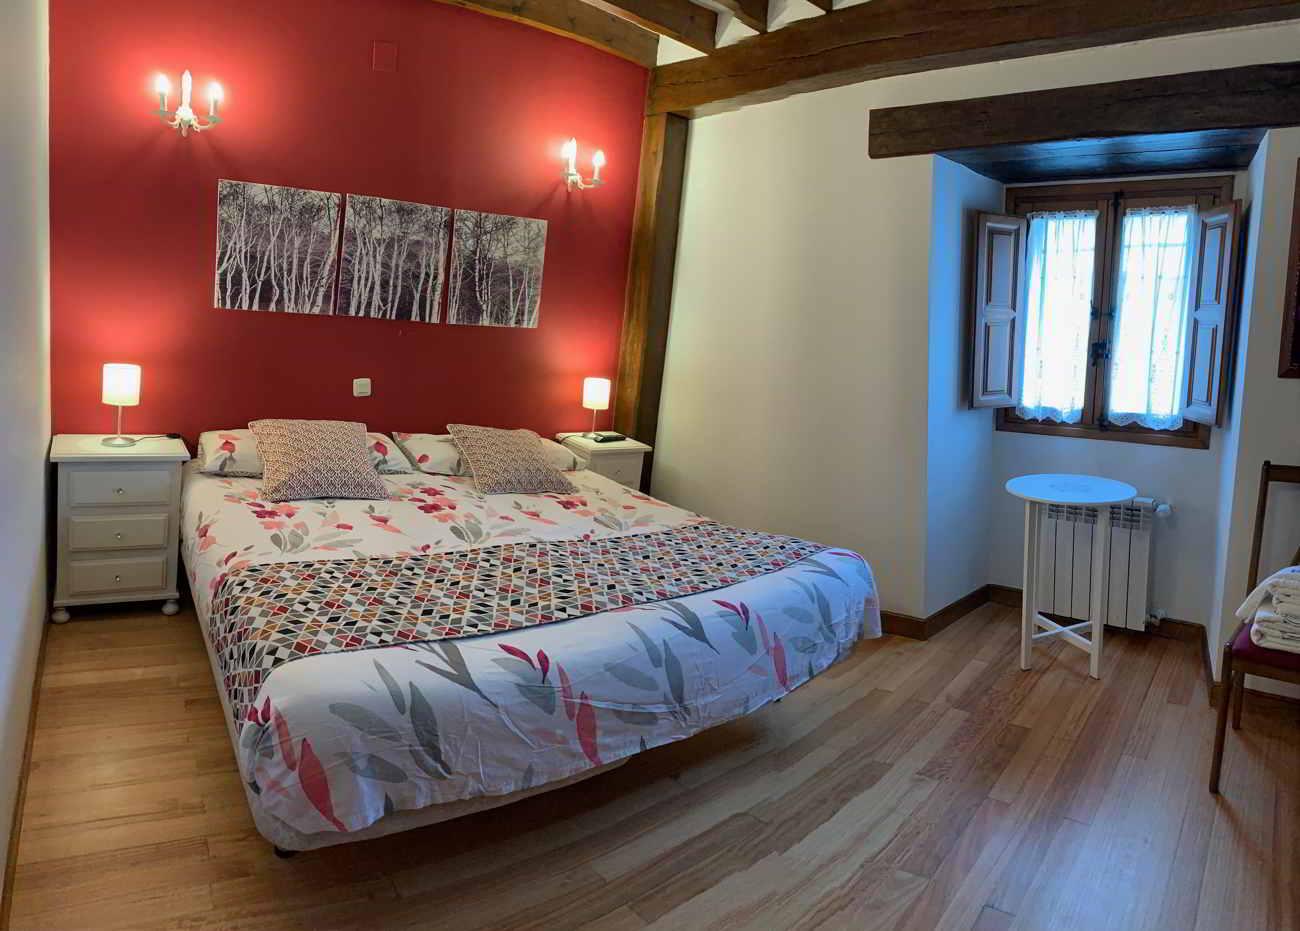 hotel_casa rural_cantabria_grupos grandes_mascotas_san vicente de la barquera_comillas_llanes (7)